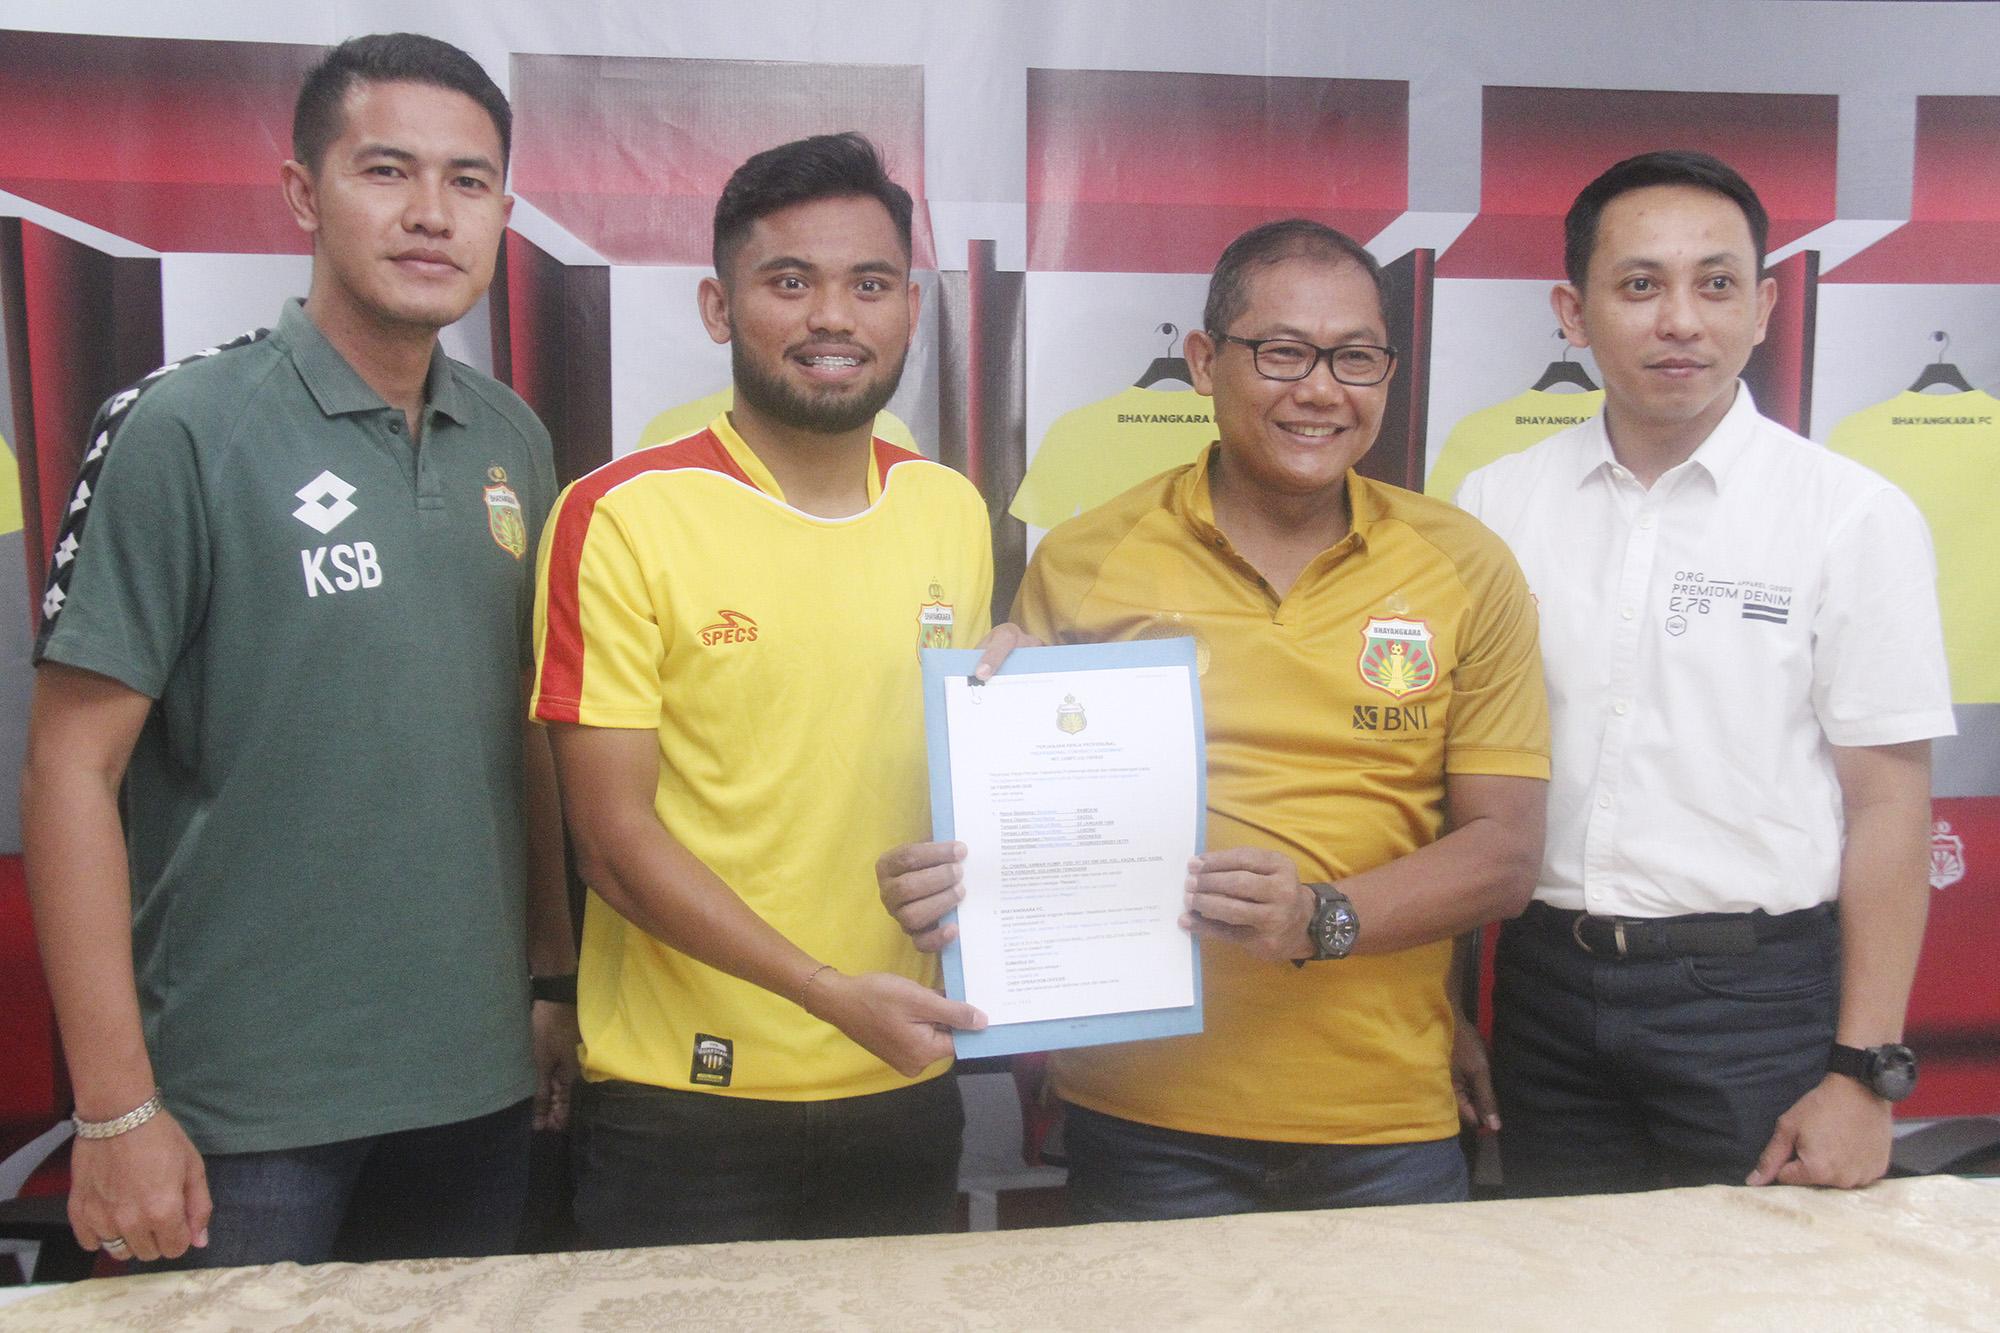 (ki-ka) Anggra_Saddil Ramdani_Sumardji_Nyoman Yogi Hermawan pada pengenalan pemain dan manager baru